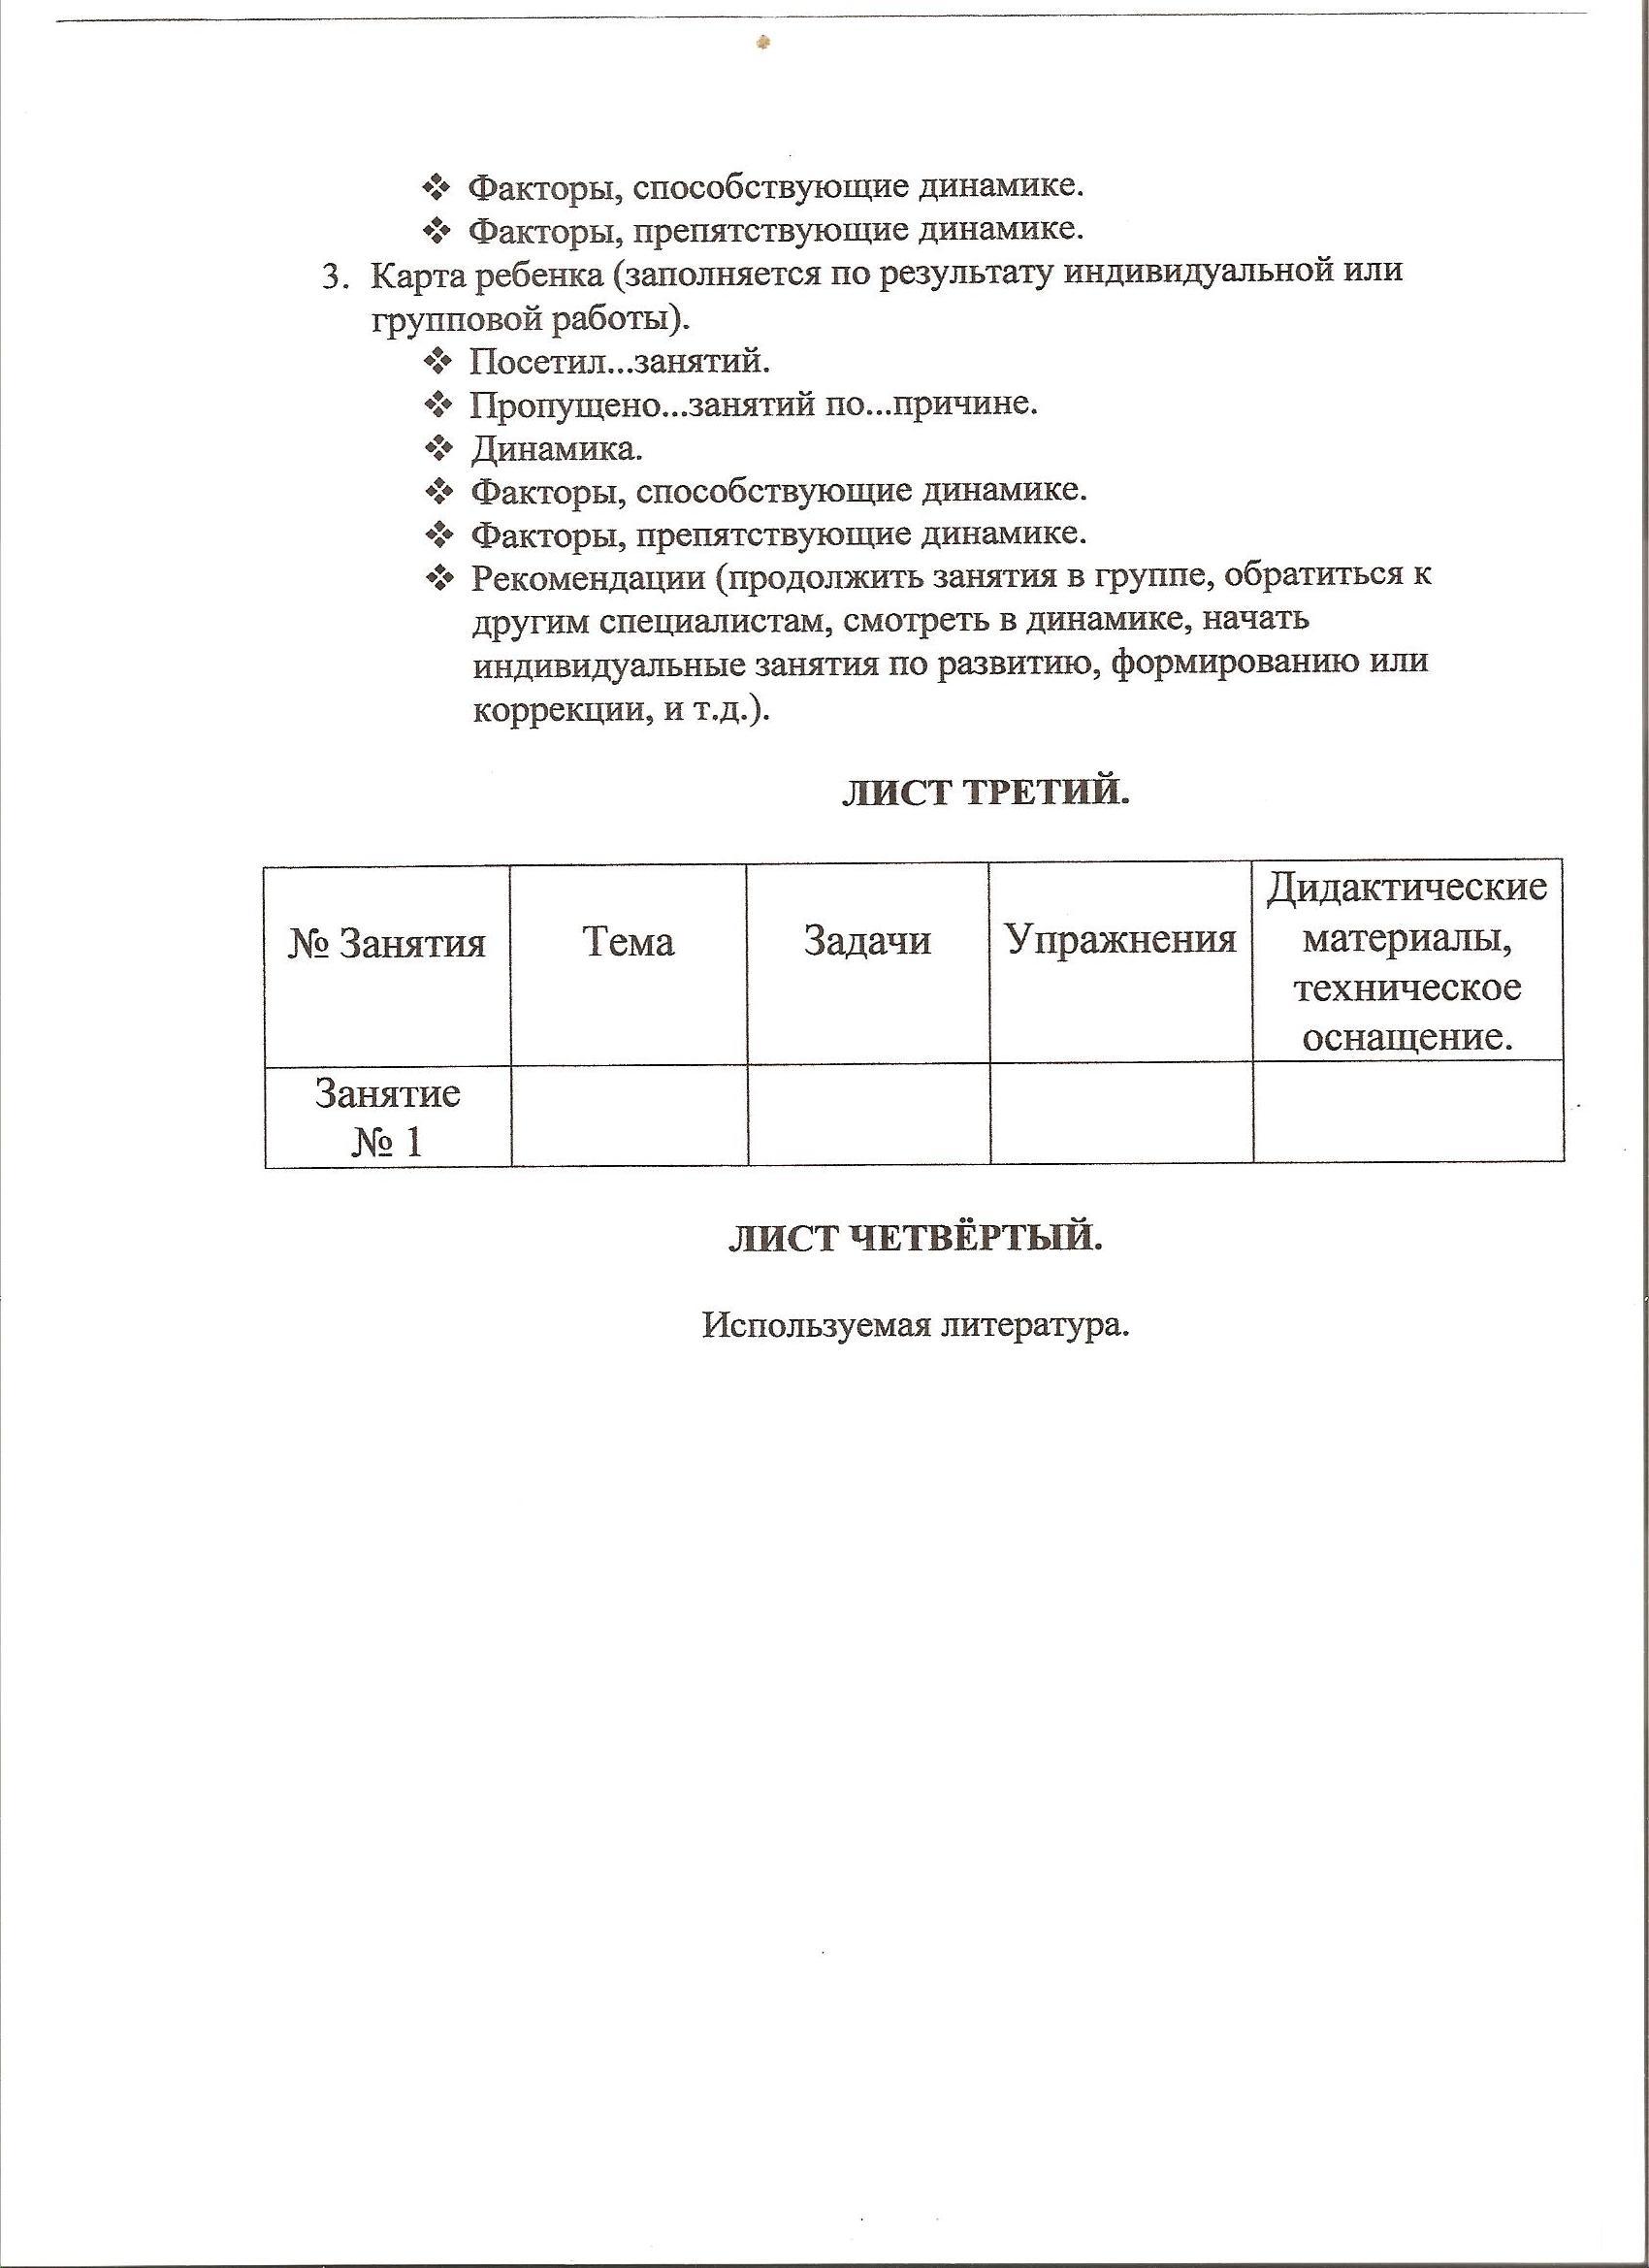 должностная инструкция педагога-психолога в школе по внутреннему совместительствуна пол ставки